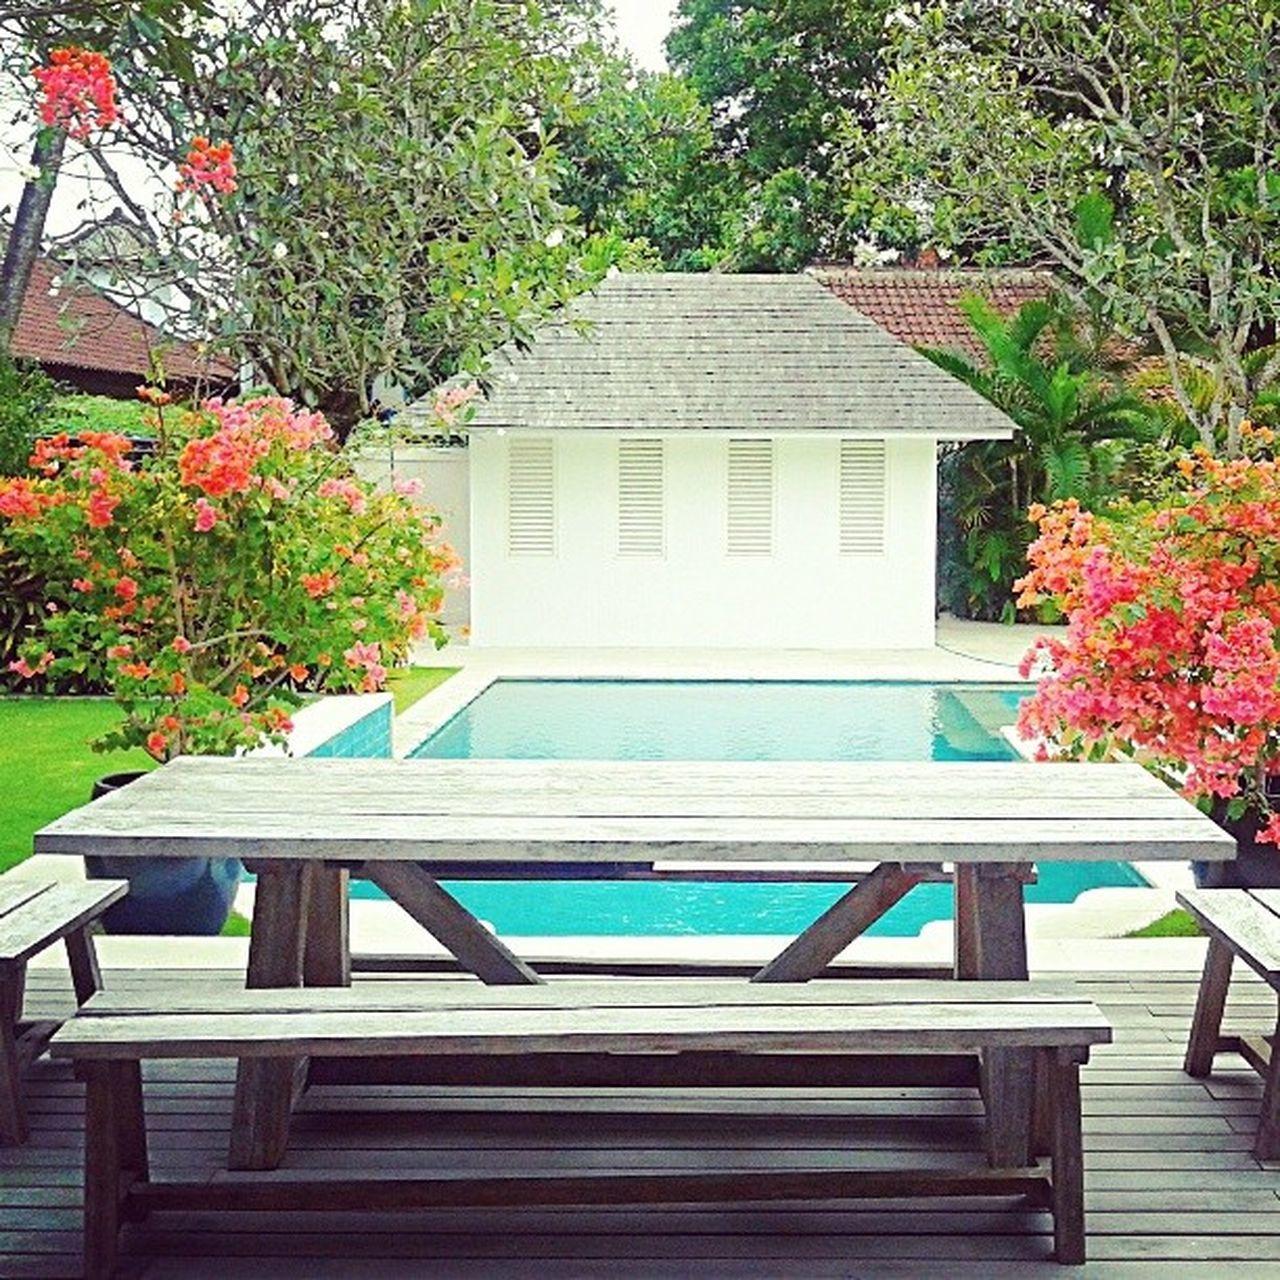 lets go home Sunday Weekproject Art Home Garden Swimmingpool Terrace Backyard Igers Instanesia Instafamous Instanusantarabali Instanusantara IGDaily Ighub Instahub Instadaily Instatoday Instapop Picoftheday Photooftheday Bali INDONESIA LangitbaliPhotoworks